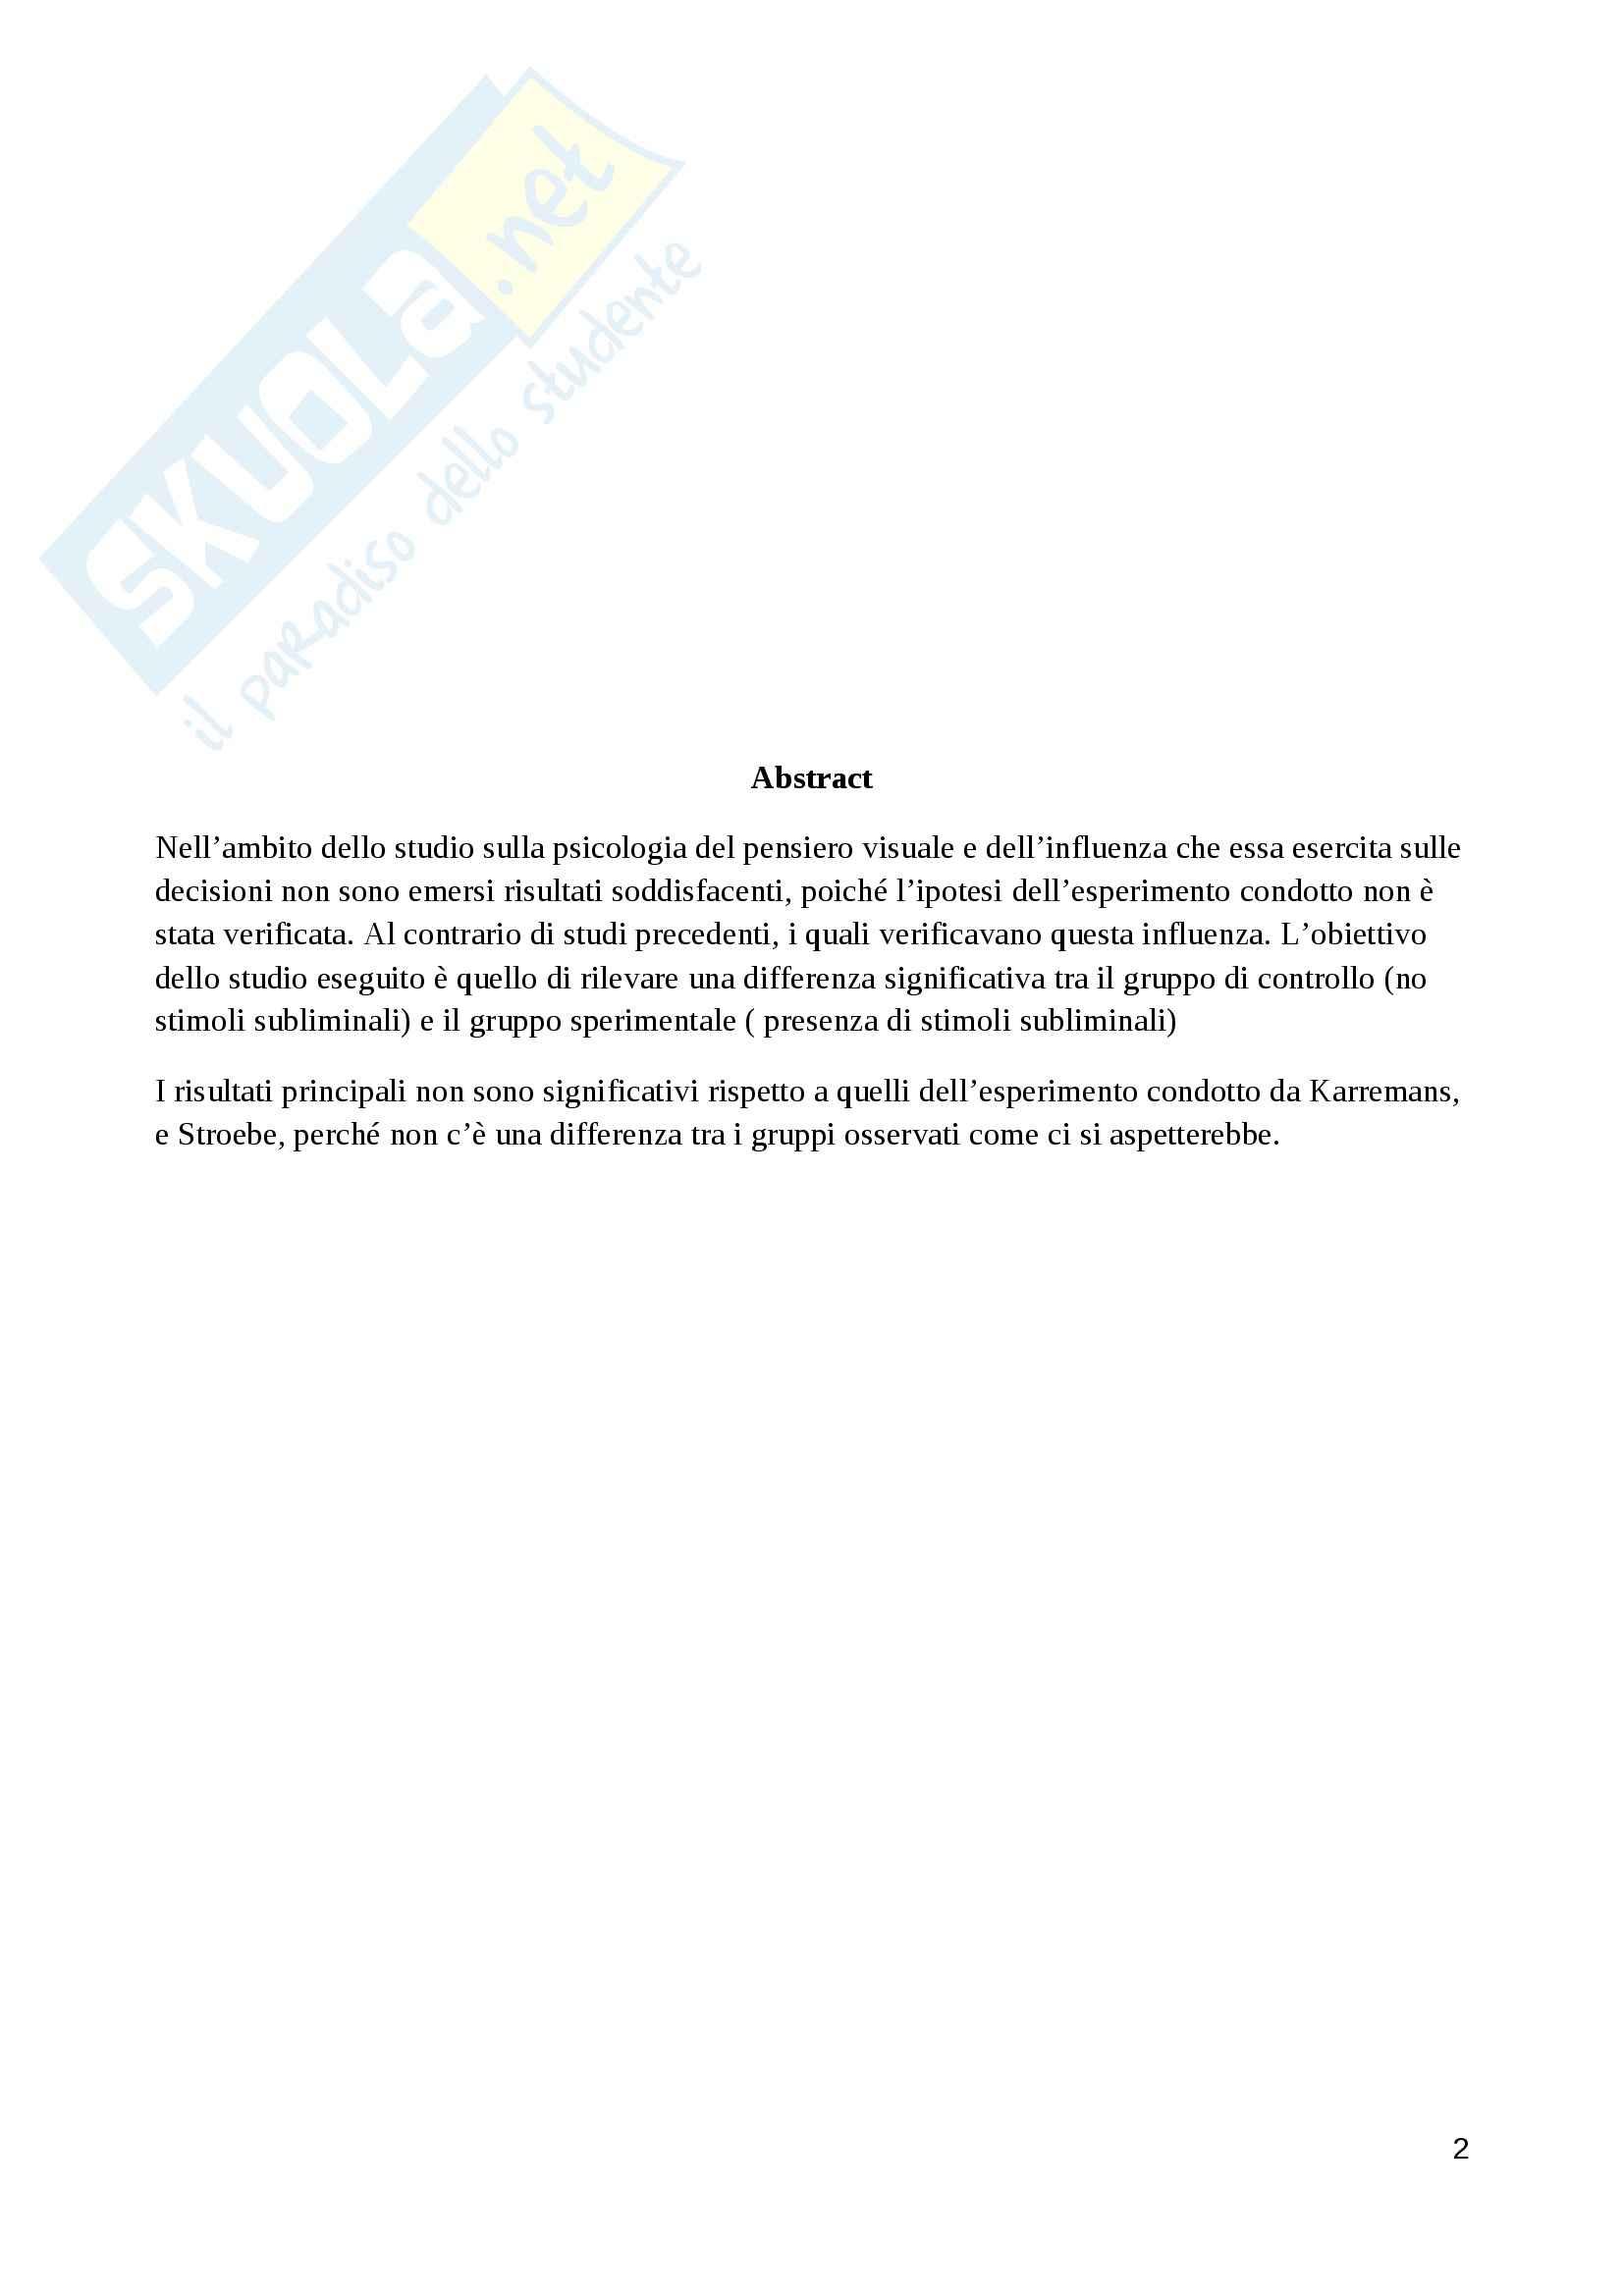 Esempio di report scientifico Psicologia del pensiero visuale Pag. 2